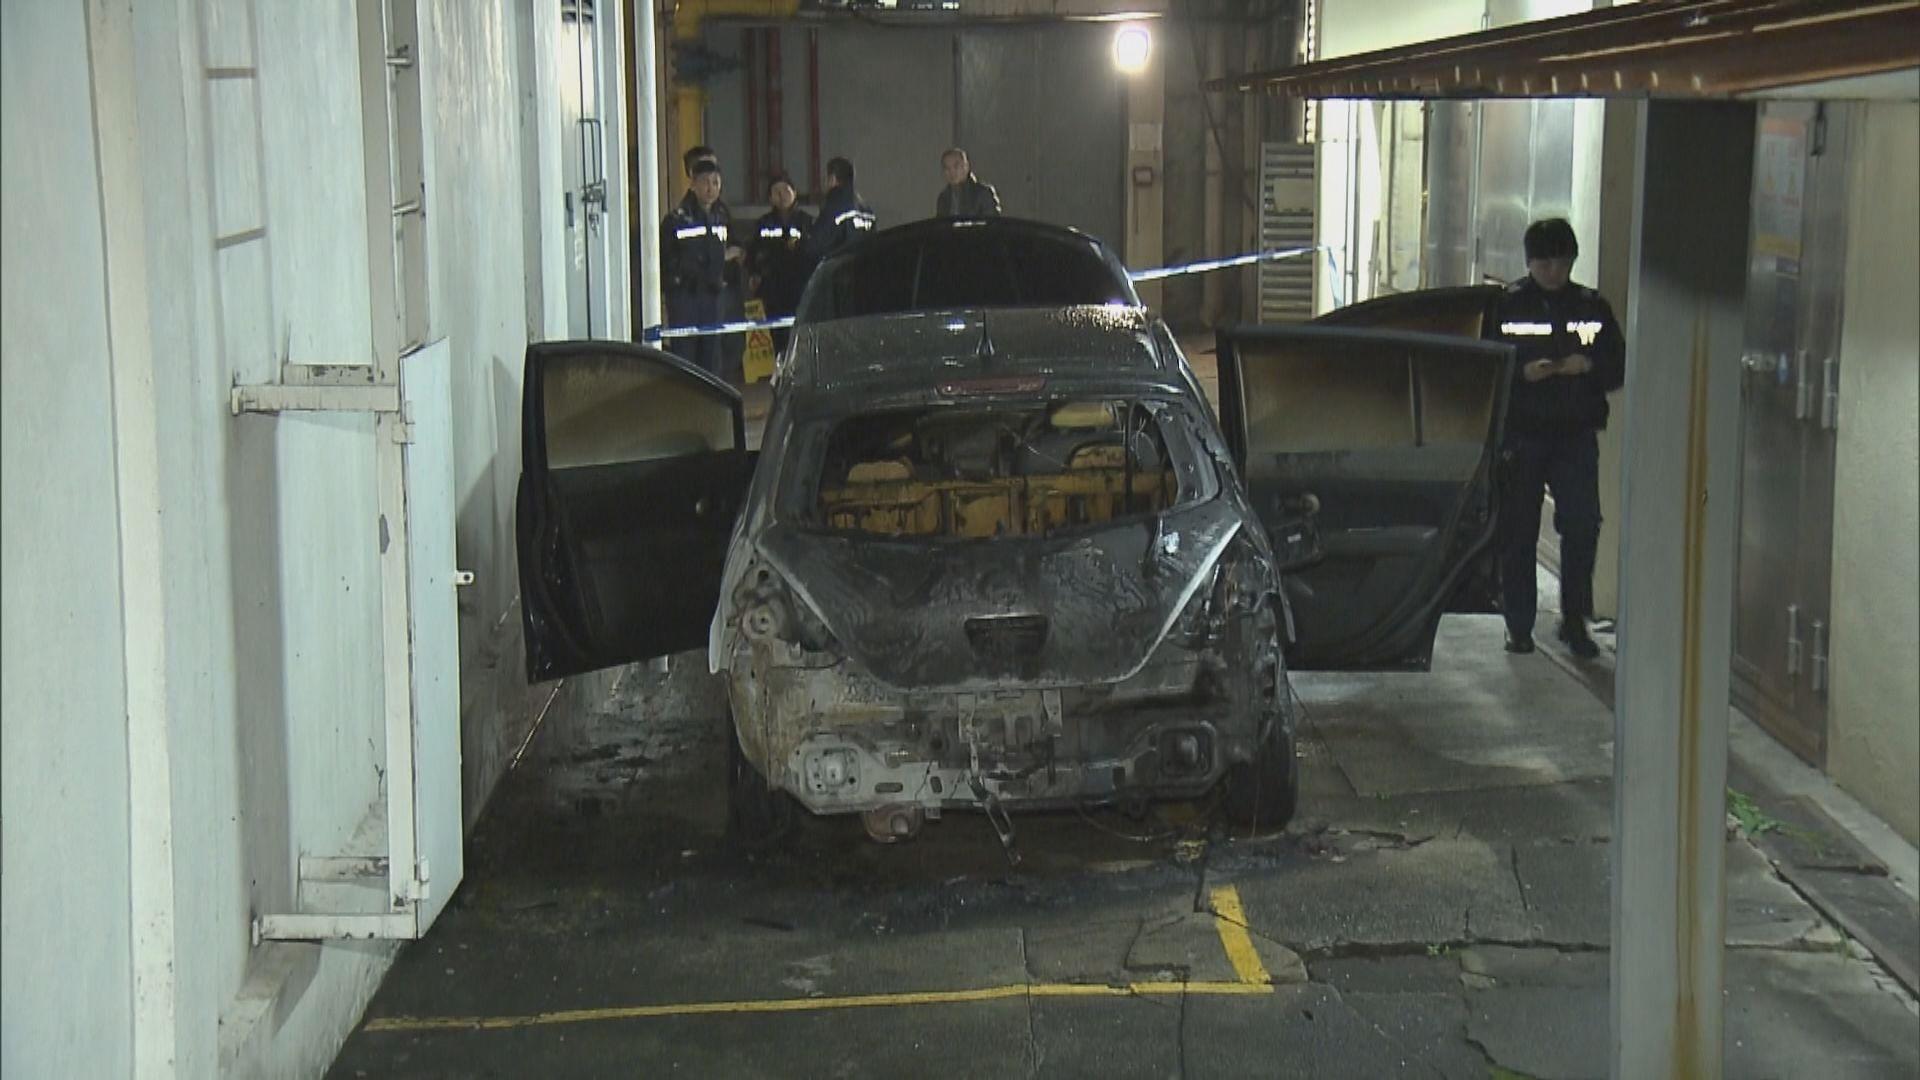 伊利沙伯醫院有私家車被縱火焚毀